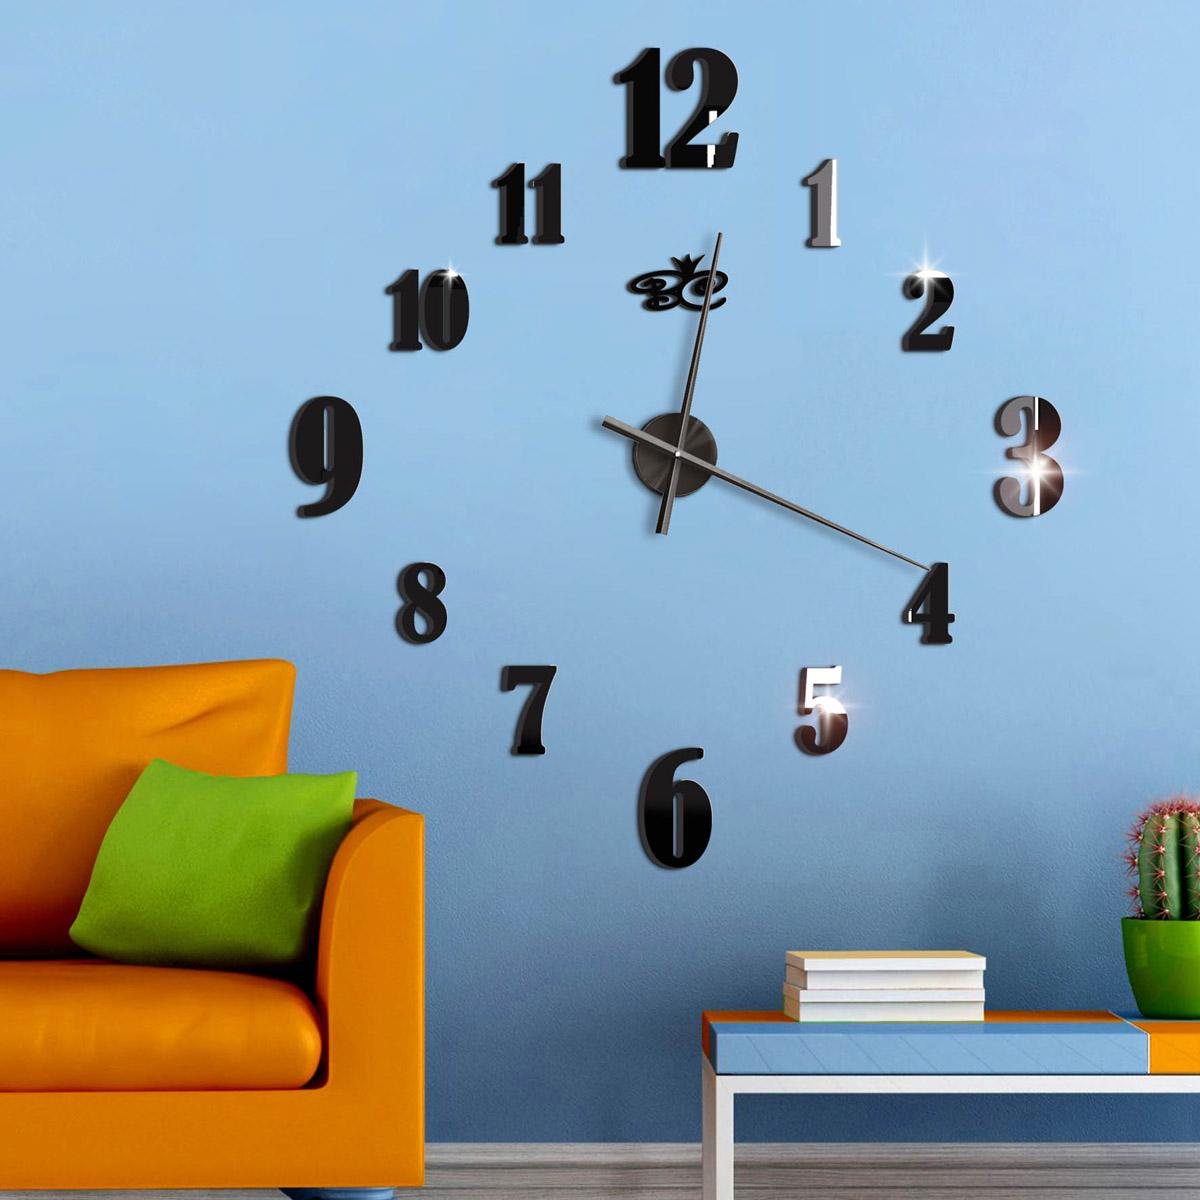 """Часы настенные Ваша Светлость Ромб бескаркасные, 417-3-01001BK, черный417-3-01001BKБольшие настенные бескаркасные часы - красивый современный настенный декор с функцией хронометра. Рекомендованный размер производителя указан на схеме, но окончательное решение, за покупателем. Минутная стрелка - 45 см. Часовая - 39 см. Точность хода +-1 сек в сутки. При установке не нужно сверлить стены и не нужны инструменты - все в комплекте для быстрой и точной установки. Все декоративные элементы уже на самоклеющейся основе (не нужен двухсторонний скотч) """"Запас хода"""" обычной батарейки 8-9 месяцев. Время установки до 1 часа."""